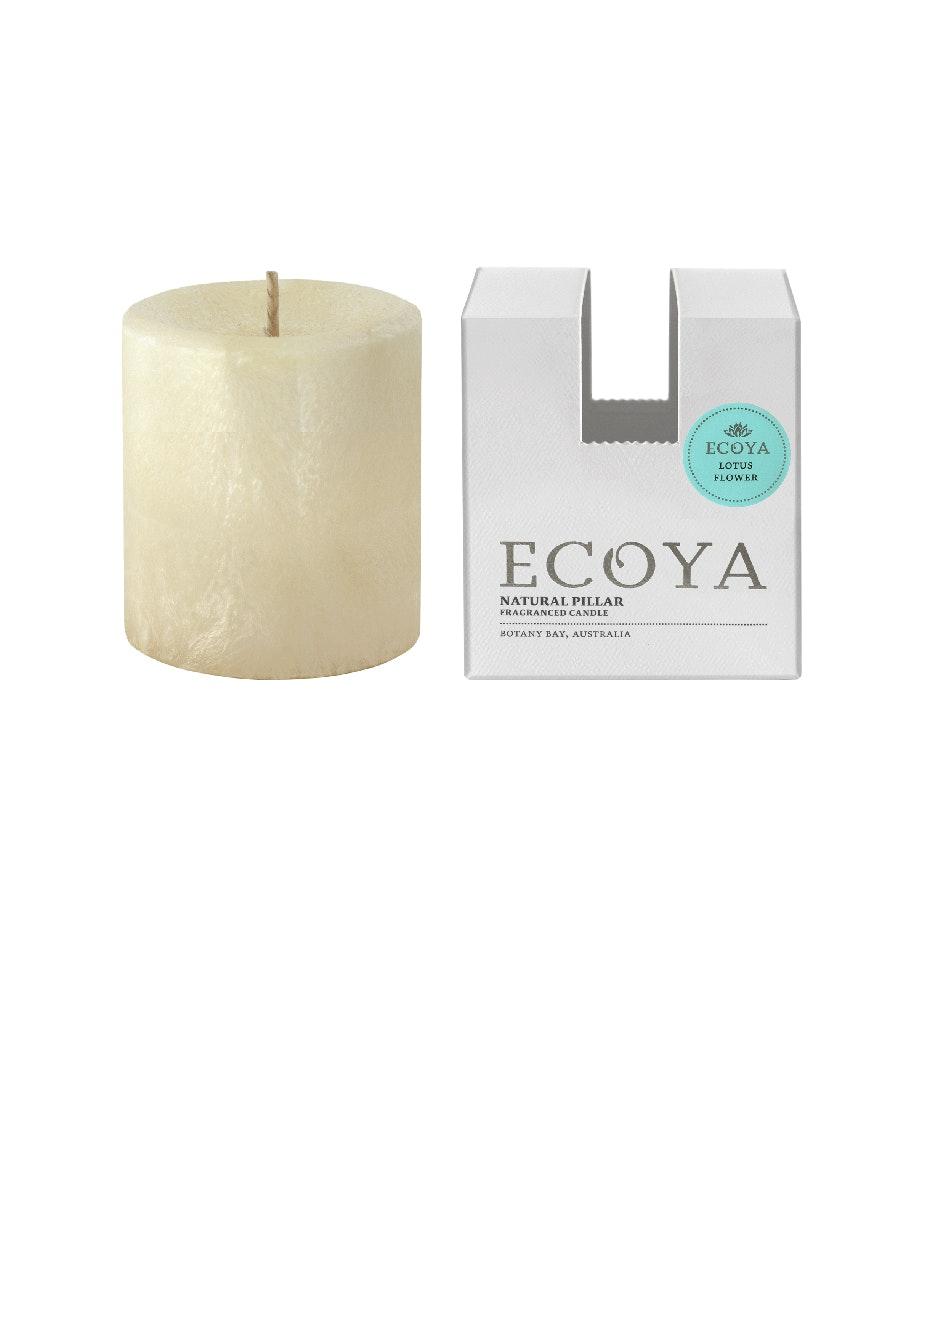 Ecoya - Pillar 75x85 Natural - Lotus Flower